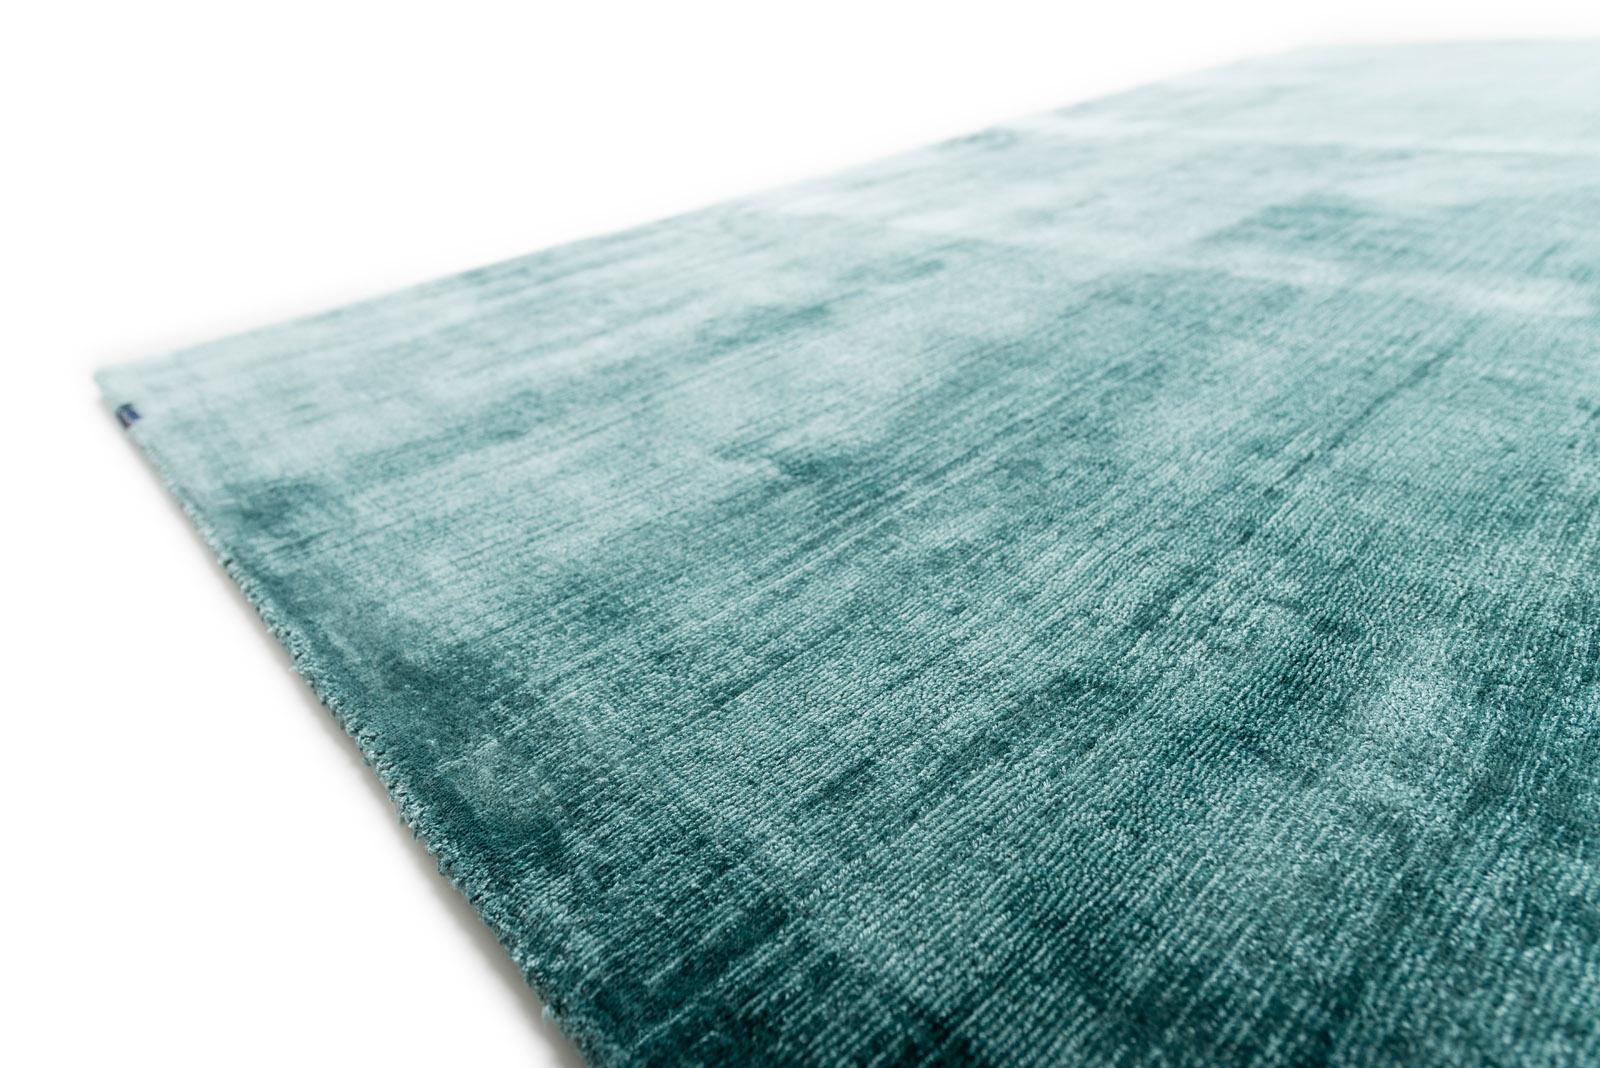 Viskose Teppich mit Schlaufenstruktur